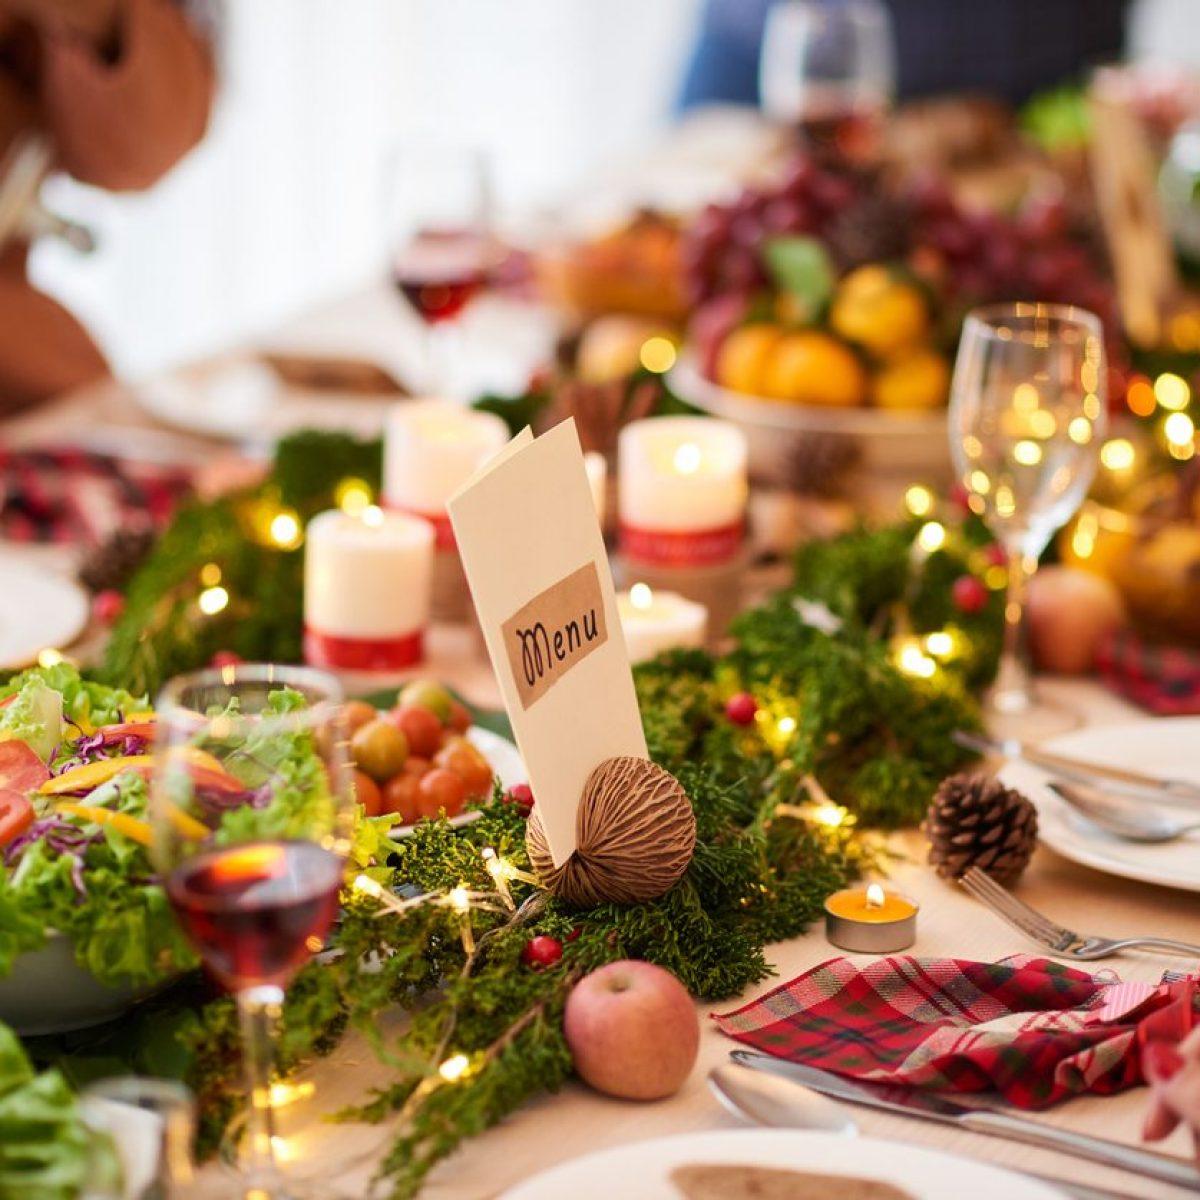 Antipasti Vegetariani Di Natale.Menu Di Natale Vegetariano 15 Ricette Facili E Sfiziose Dall Antipasto Al Dolce